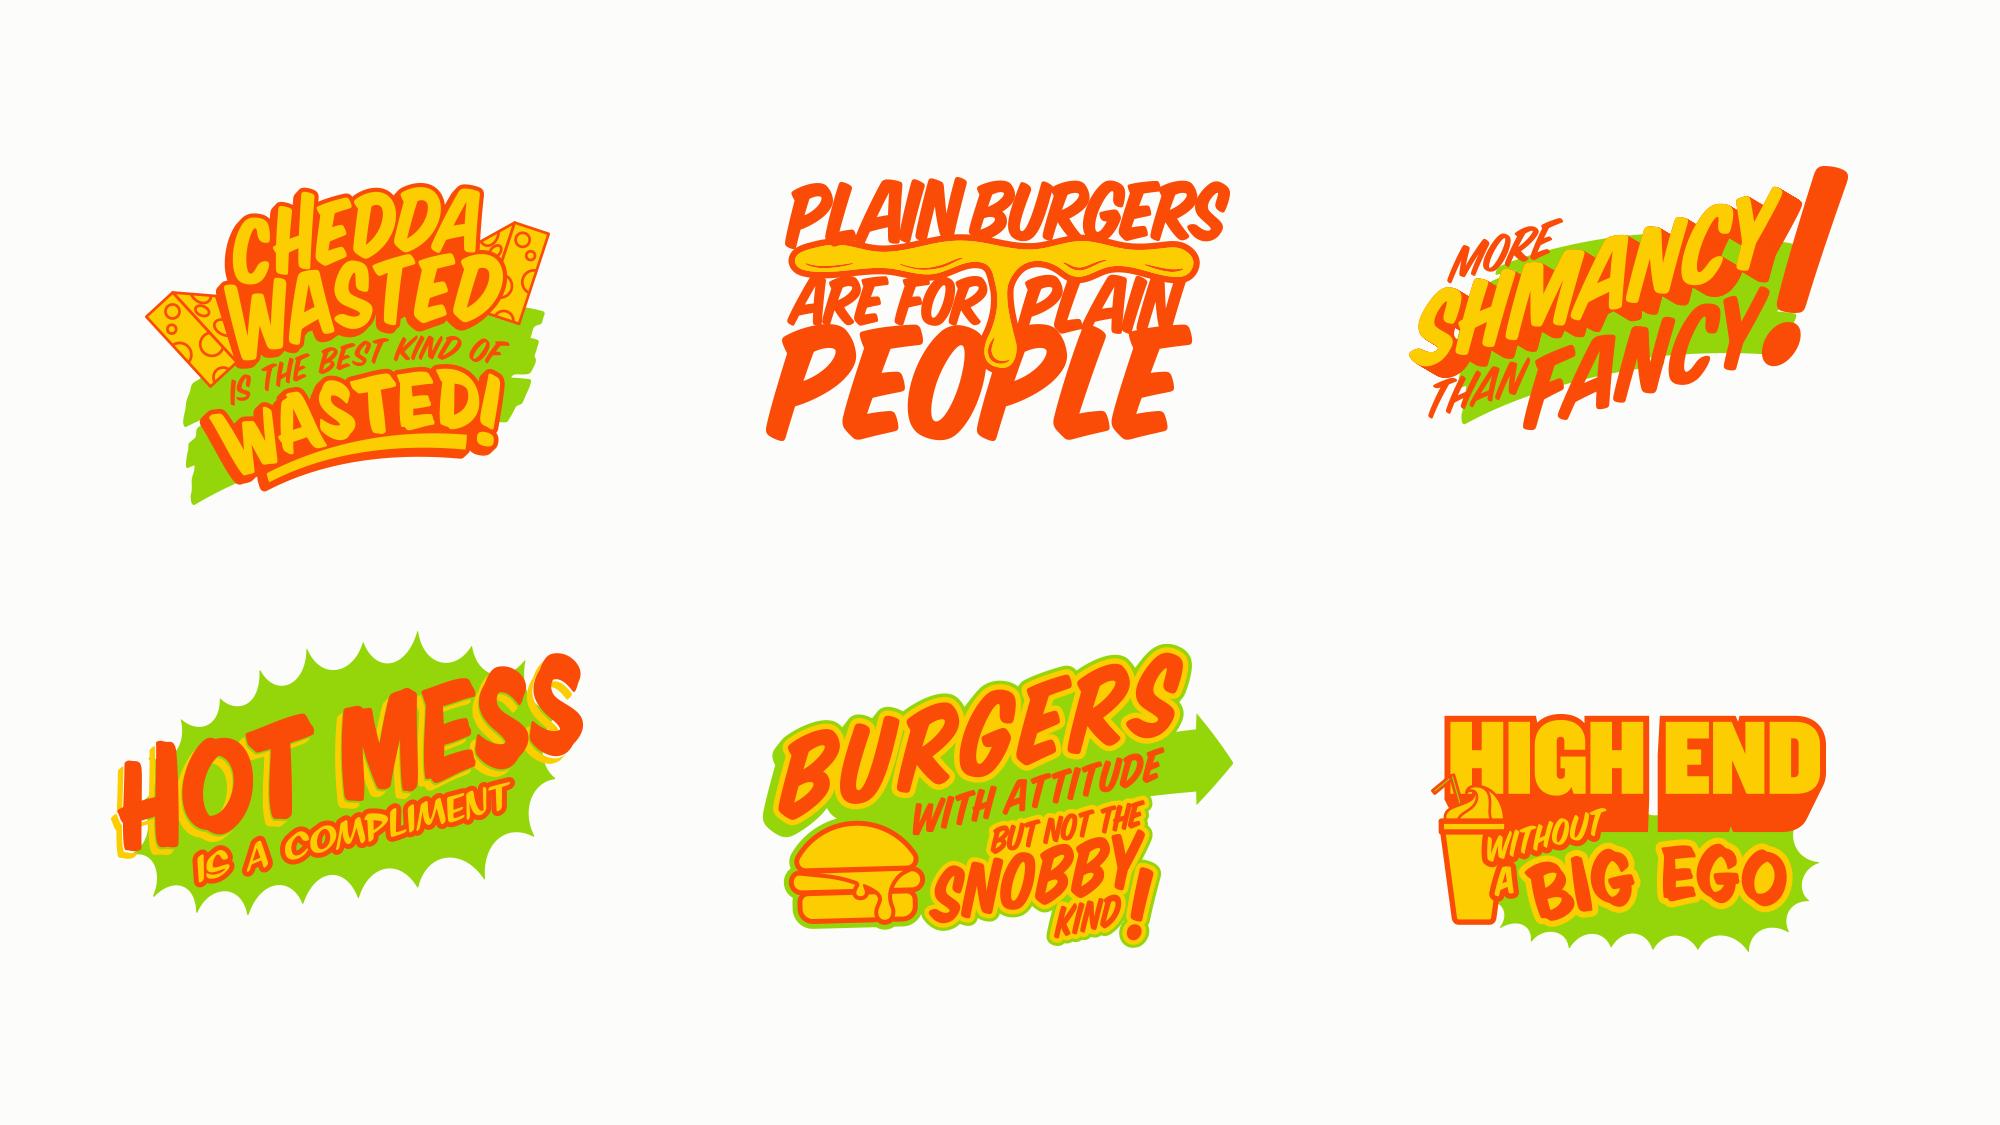 Chedda-burger6